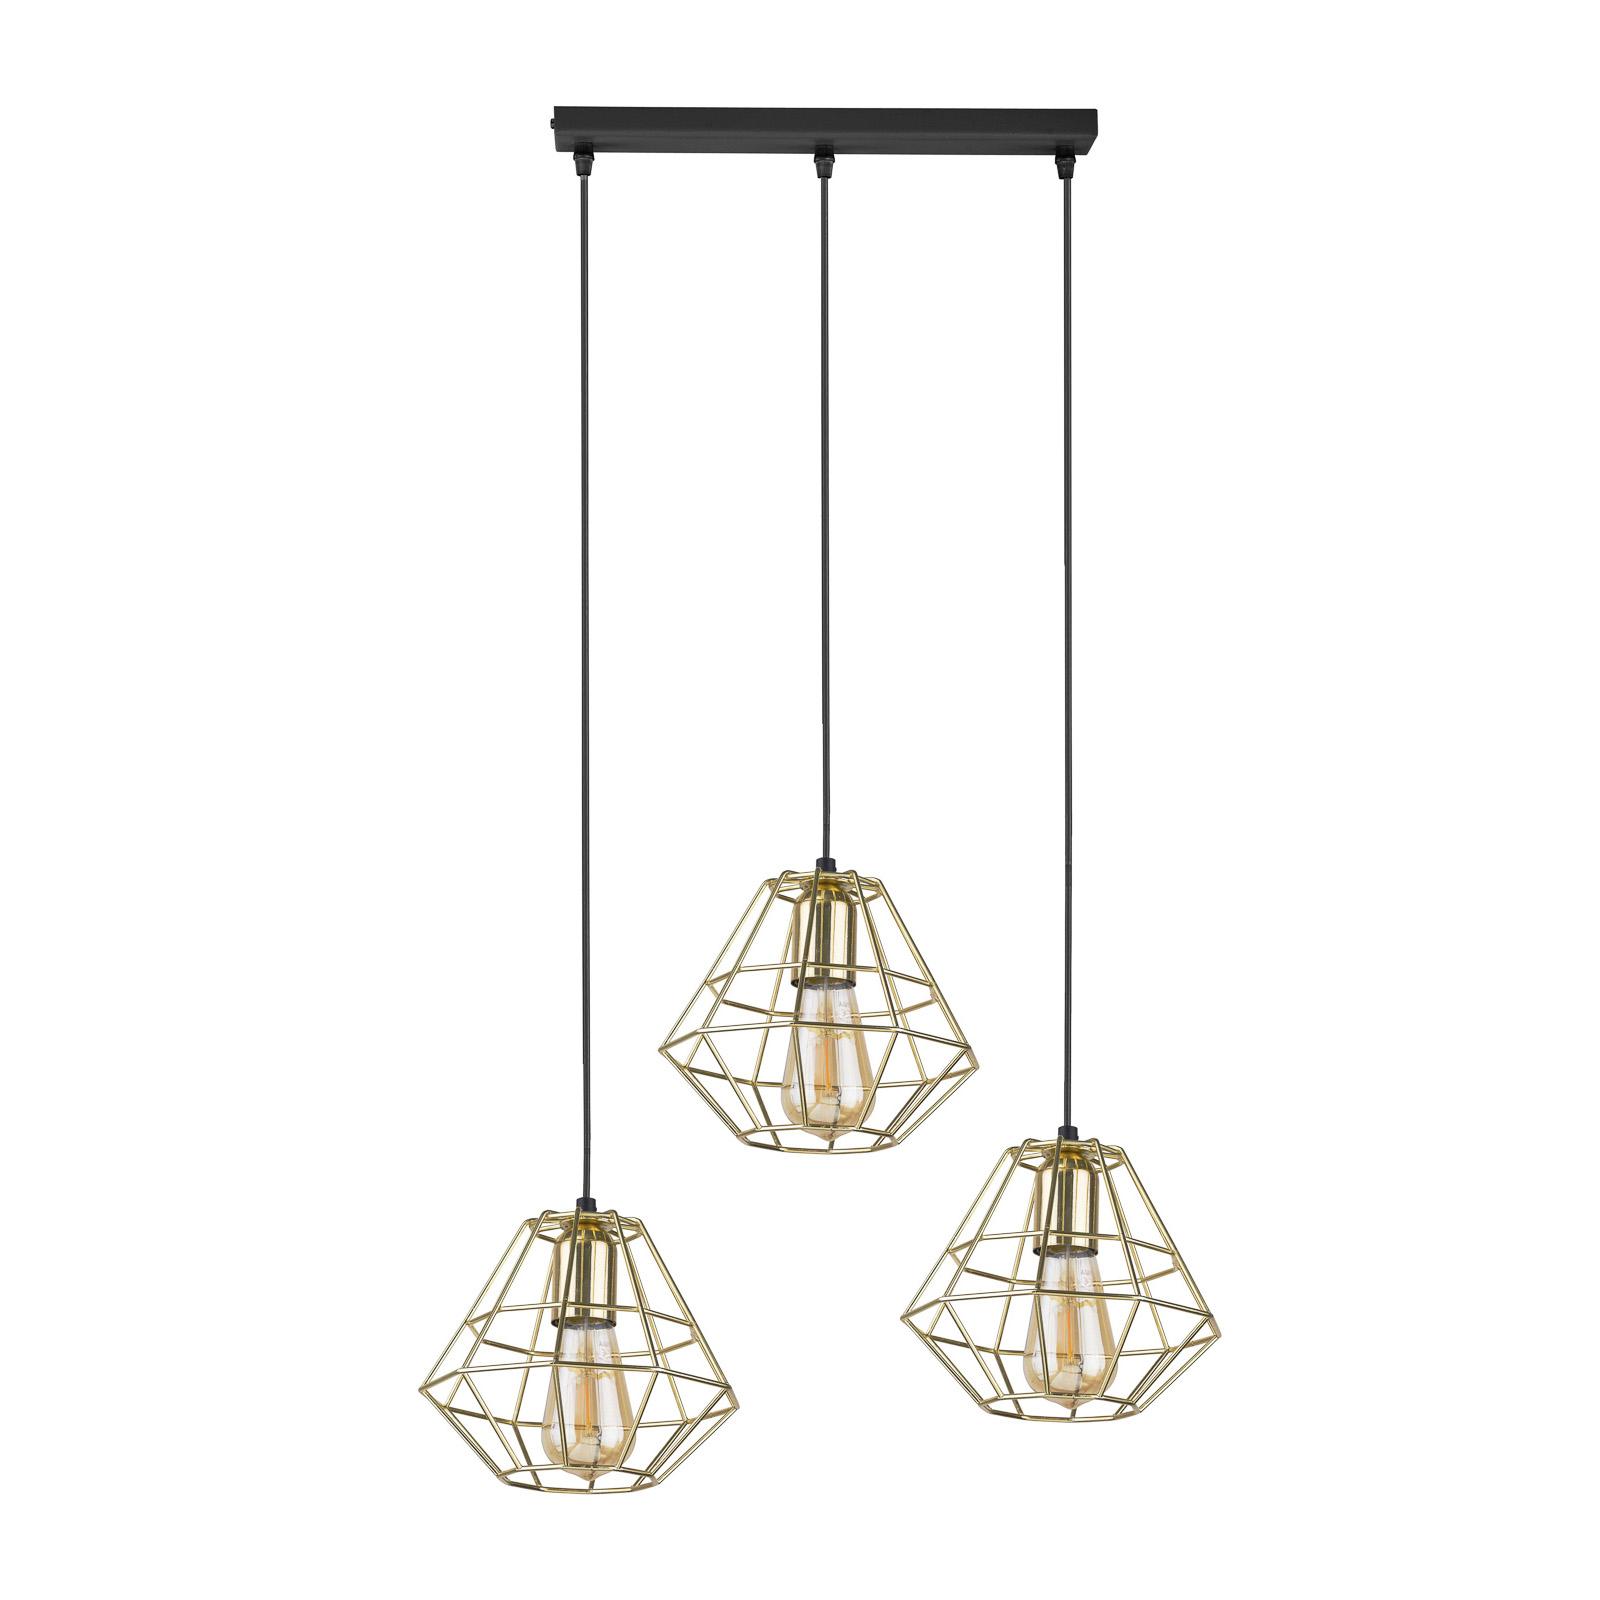 Riippuvalaisin Diamond 3-lamp suora, kulta/musta